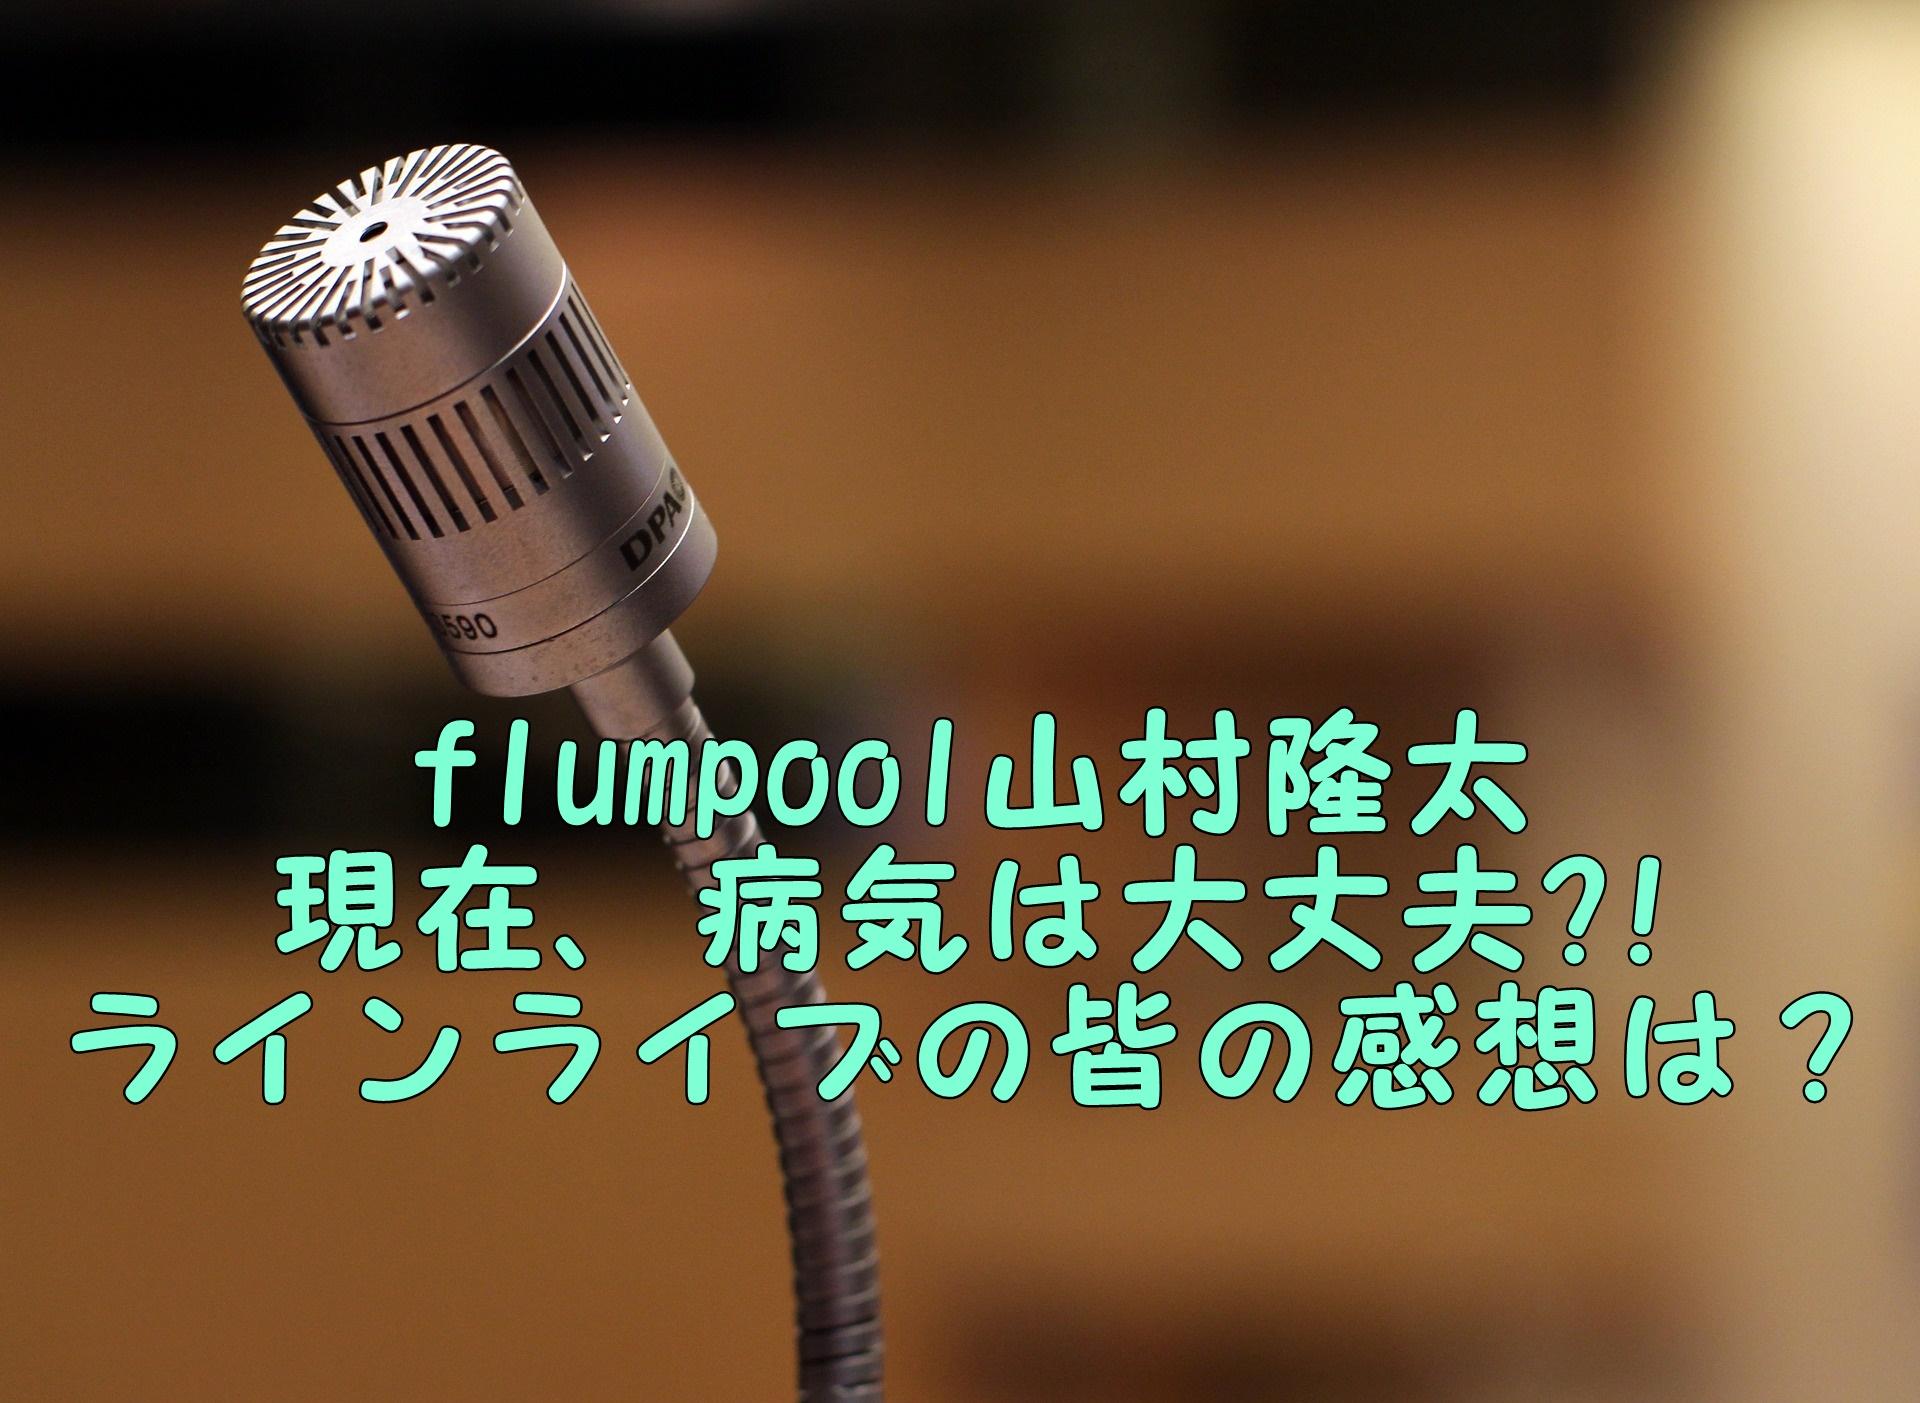 flumpool山村隆太|現在病気の状態は?ラインライブに皆の感想は?